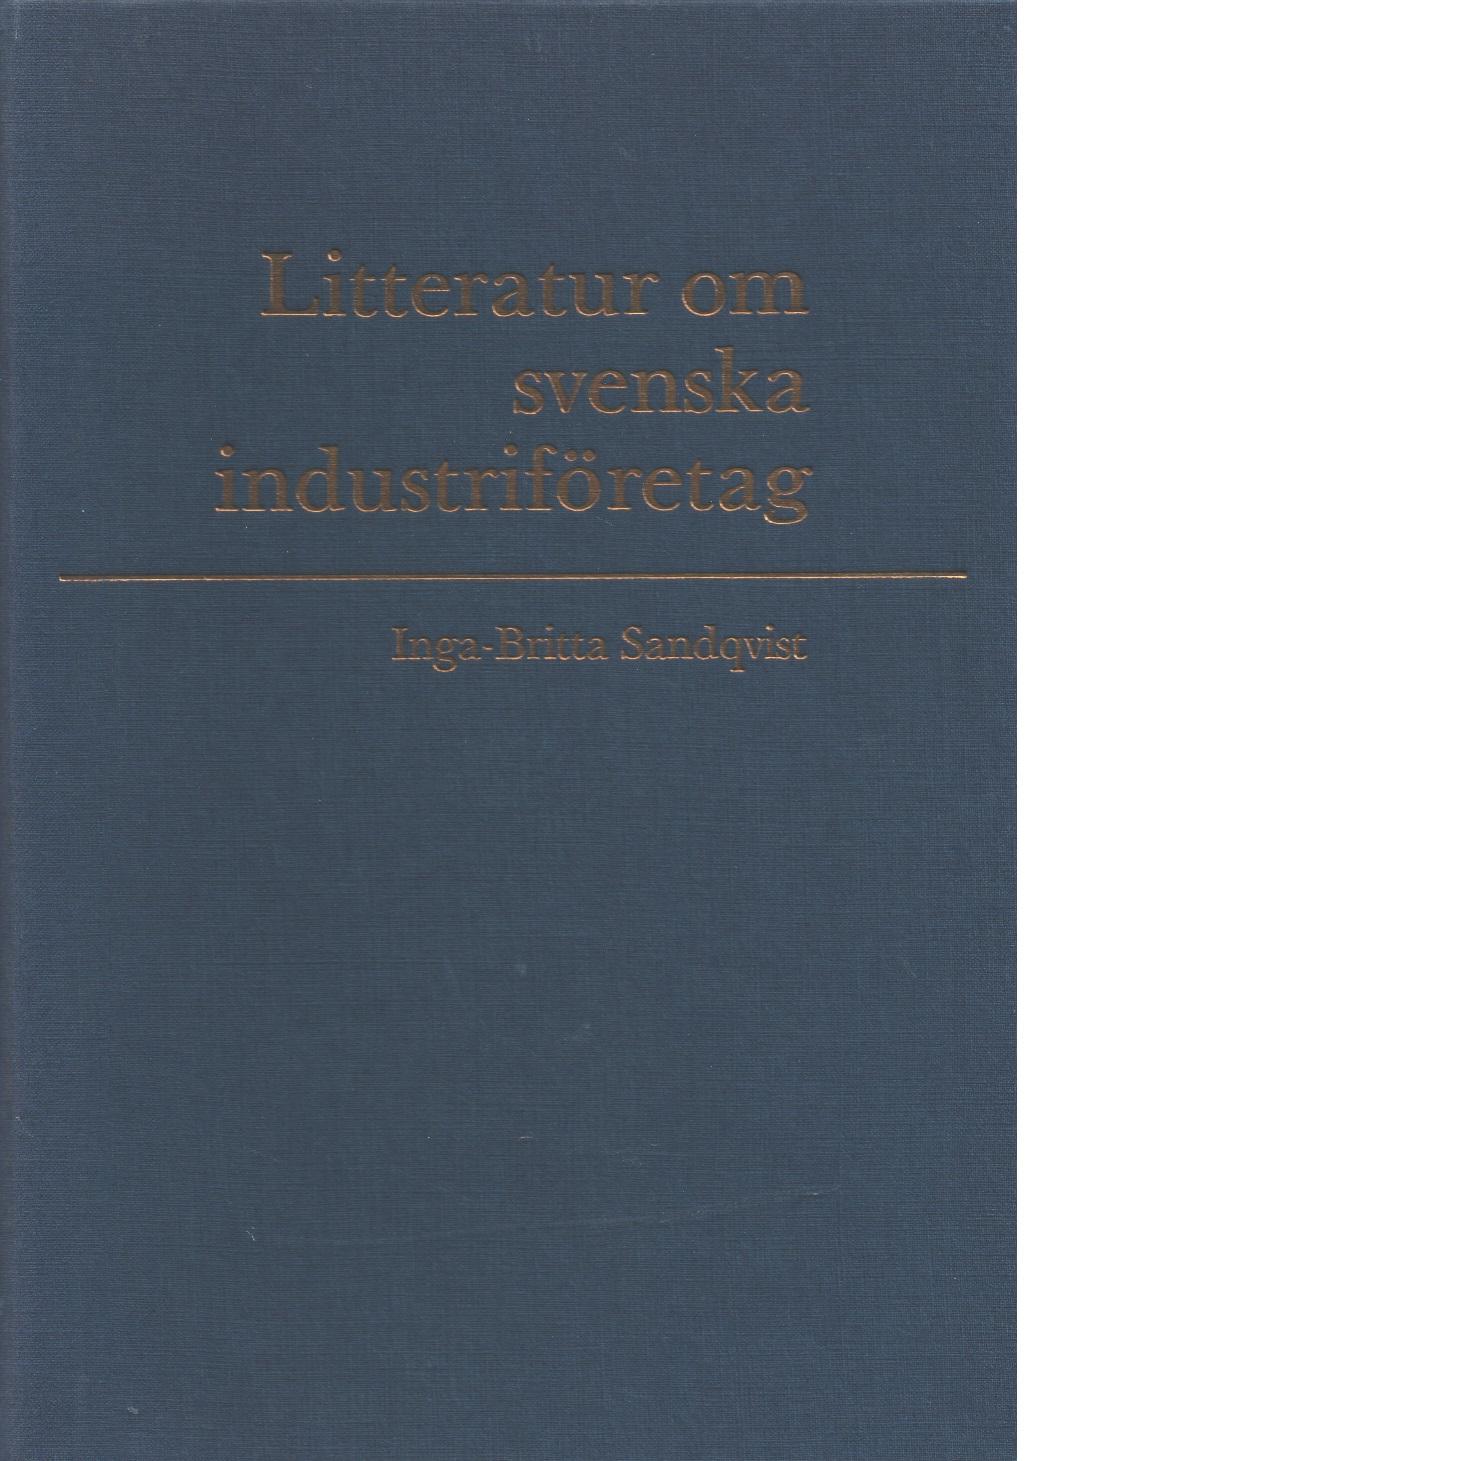 Litteratur om svenska industriföretag - Sandqvist, Inga-Britta